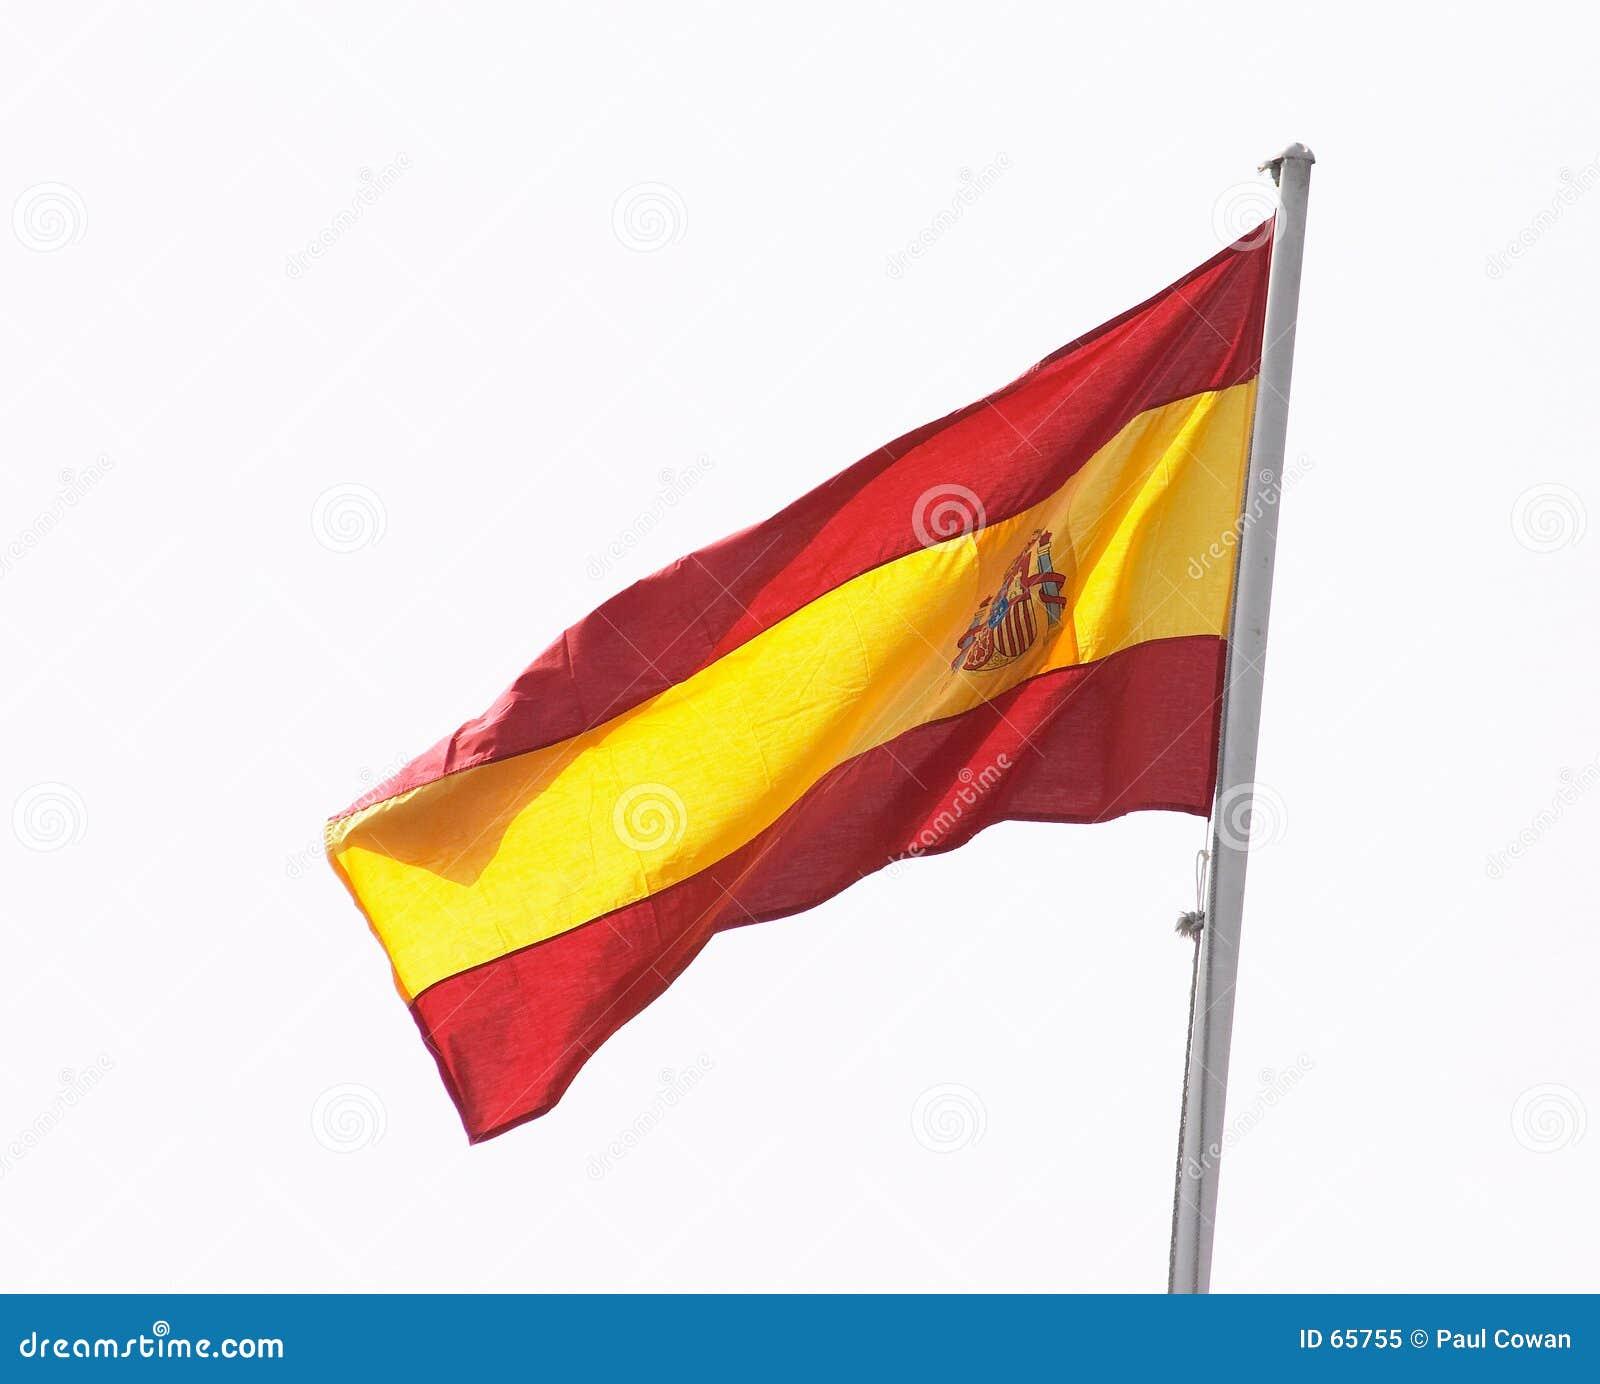 σημαία ισπανικά